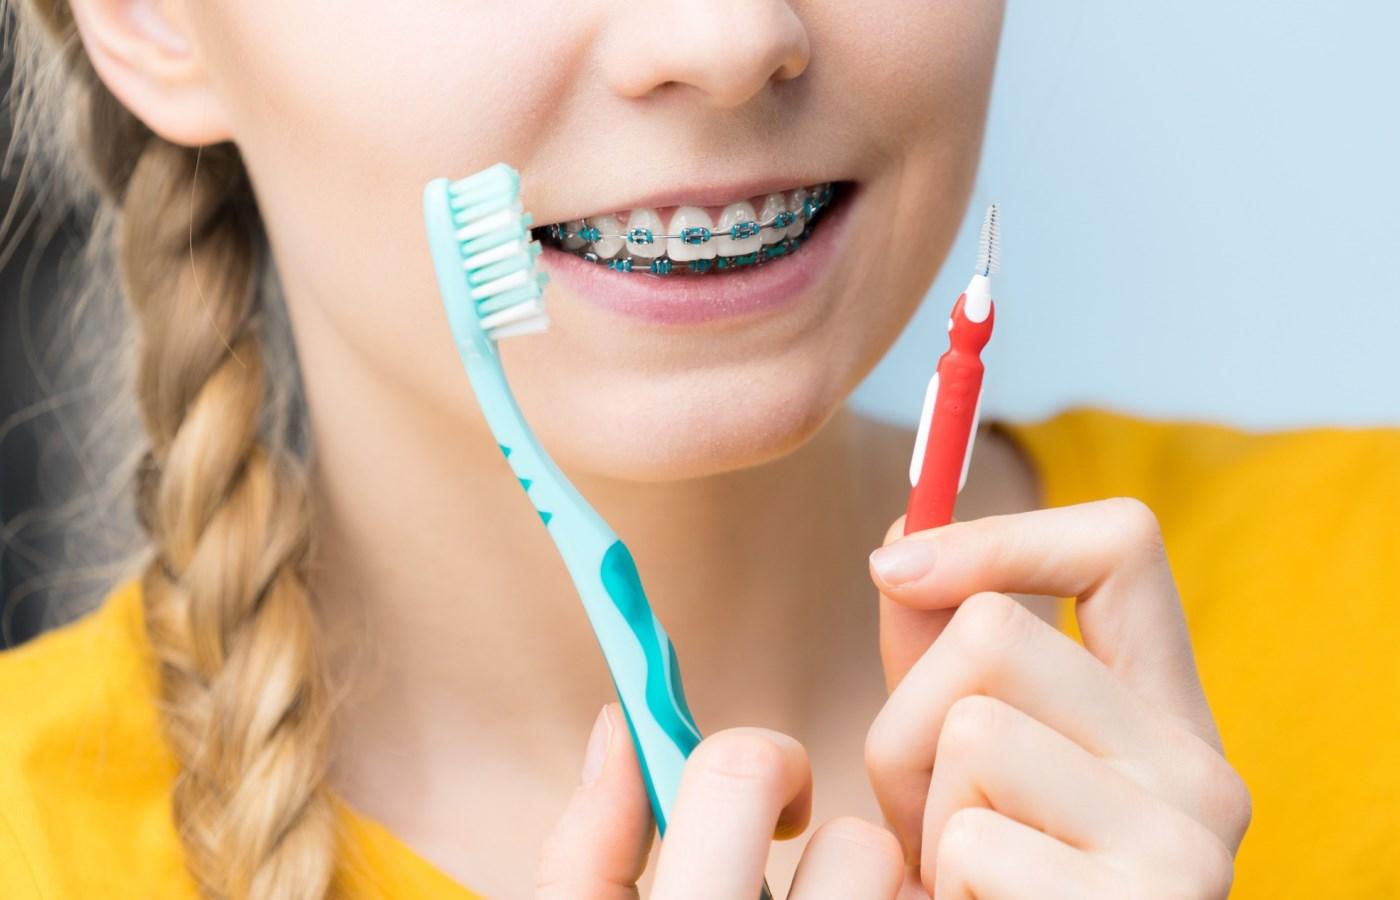 مسواک بین دندانی چه ویژگی هایی دارد